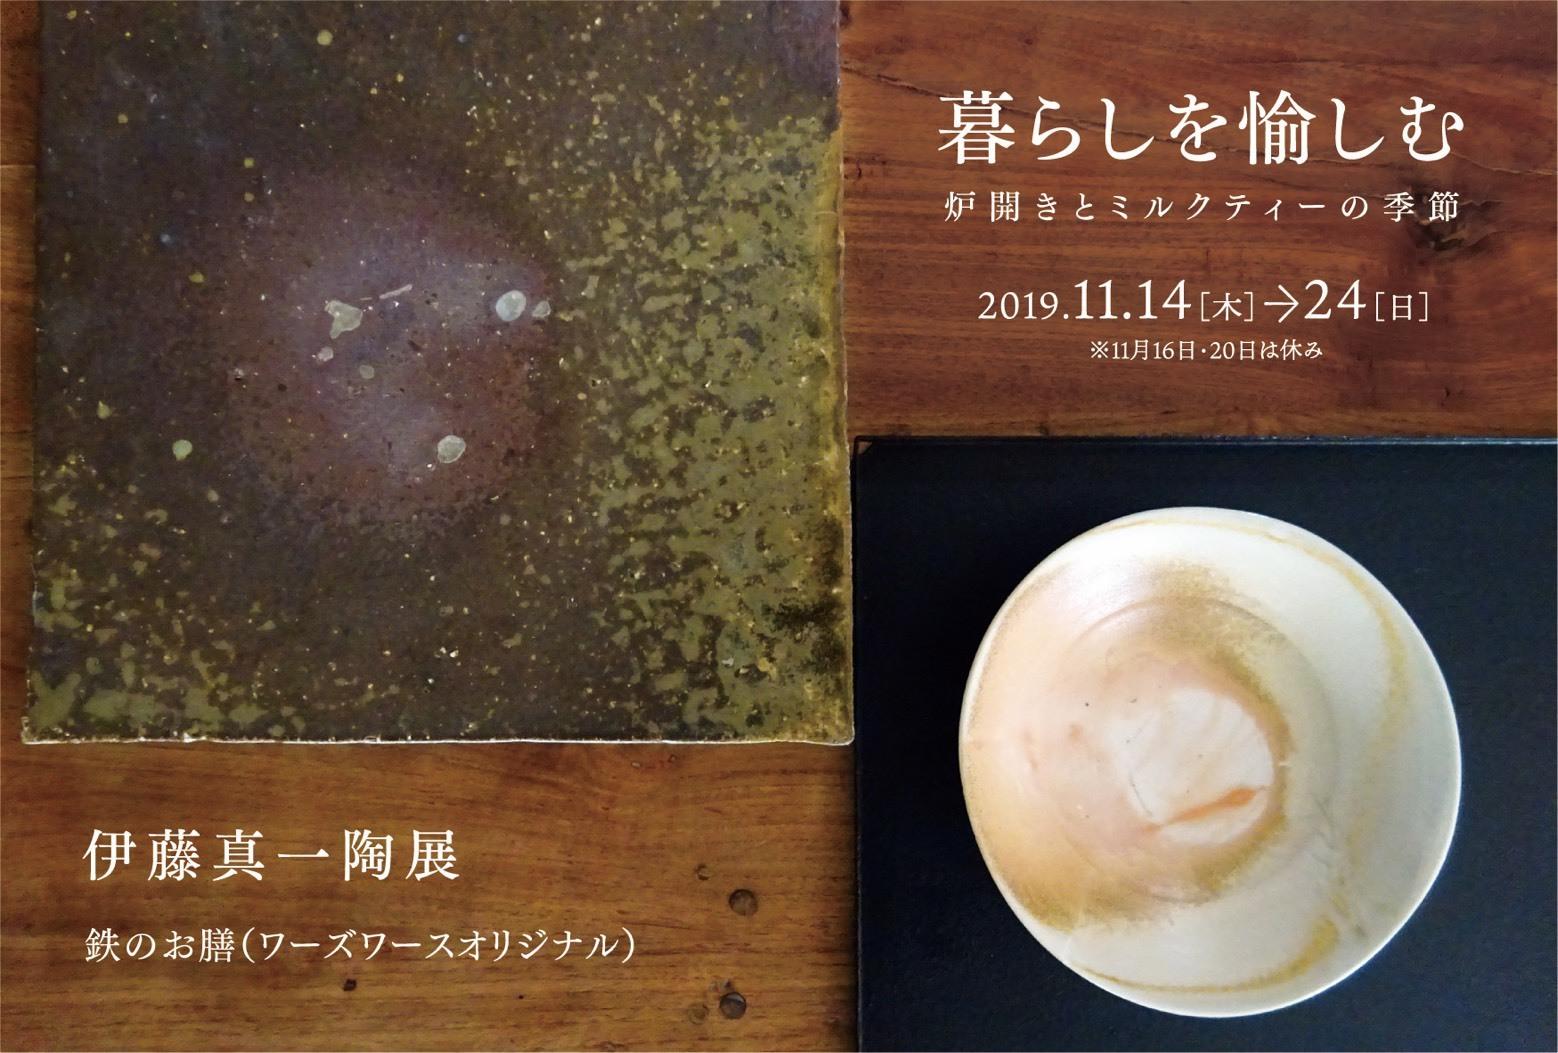 11月 「暮らしを愉しむ 伊藤真一陶展」_e0187897_18102114.jpg